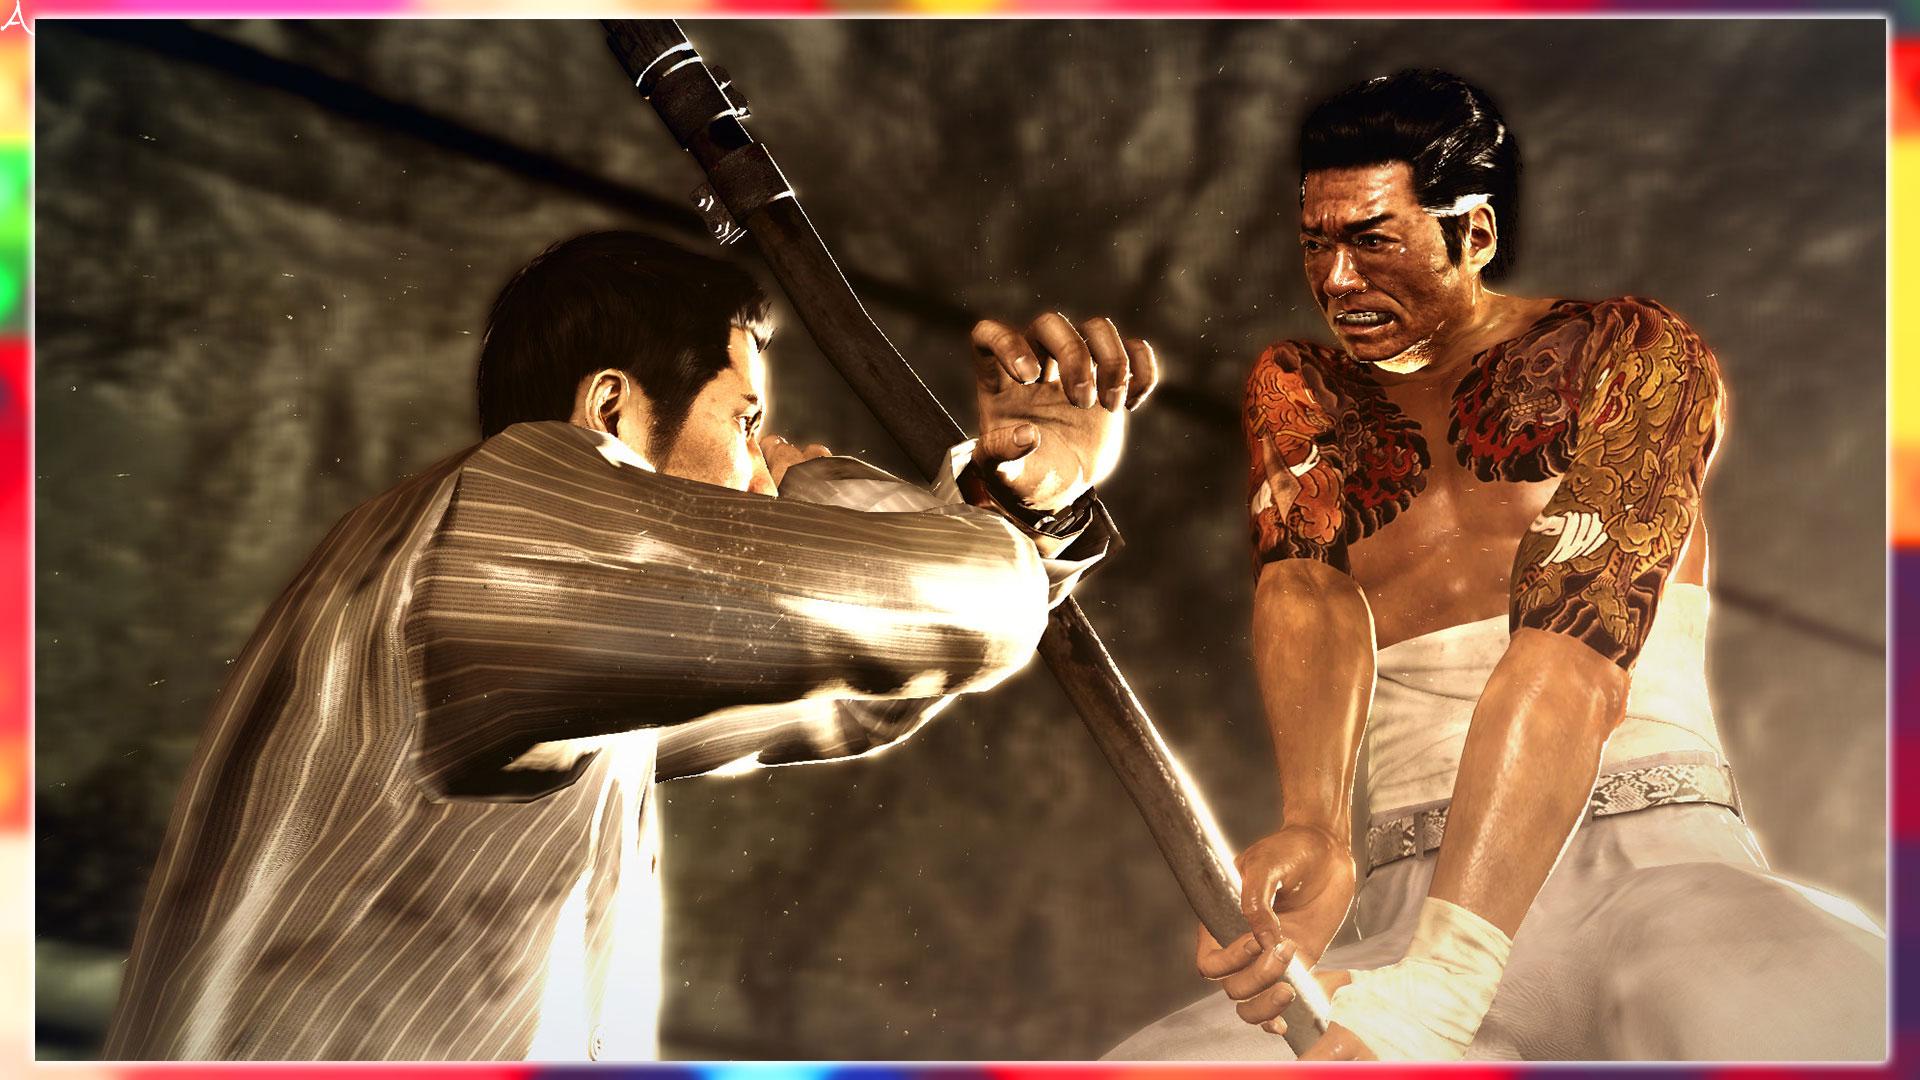 PC版「龍が如く0(Yakuza 0)」に必要な最低/推奨スペックを確認:快適プレイに必要な値段はどれくらい?